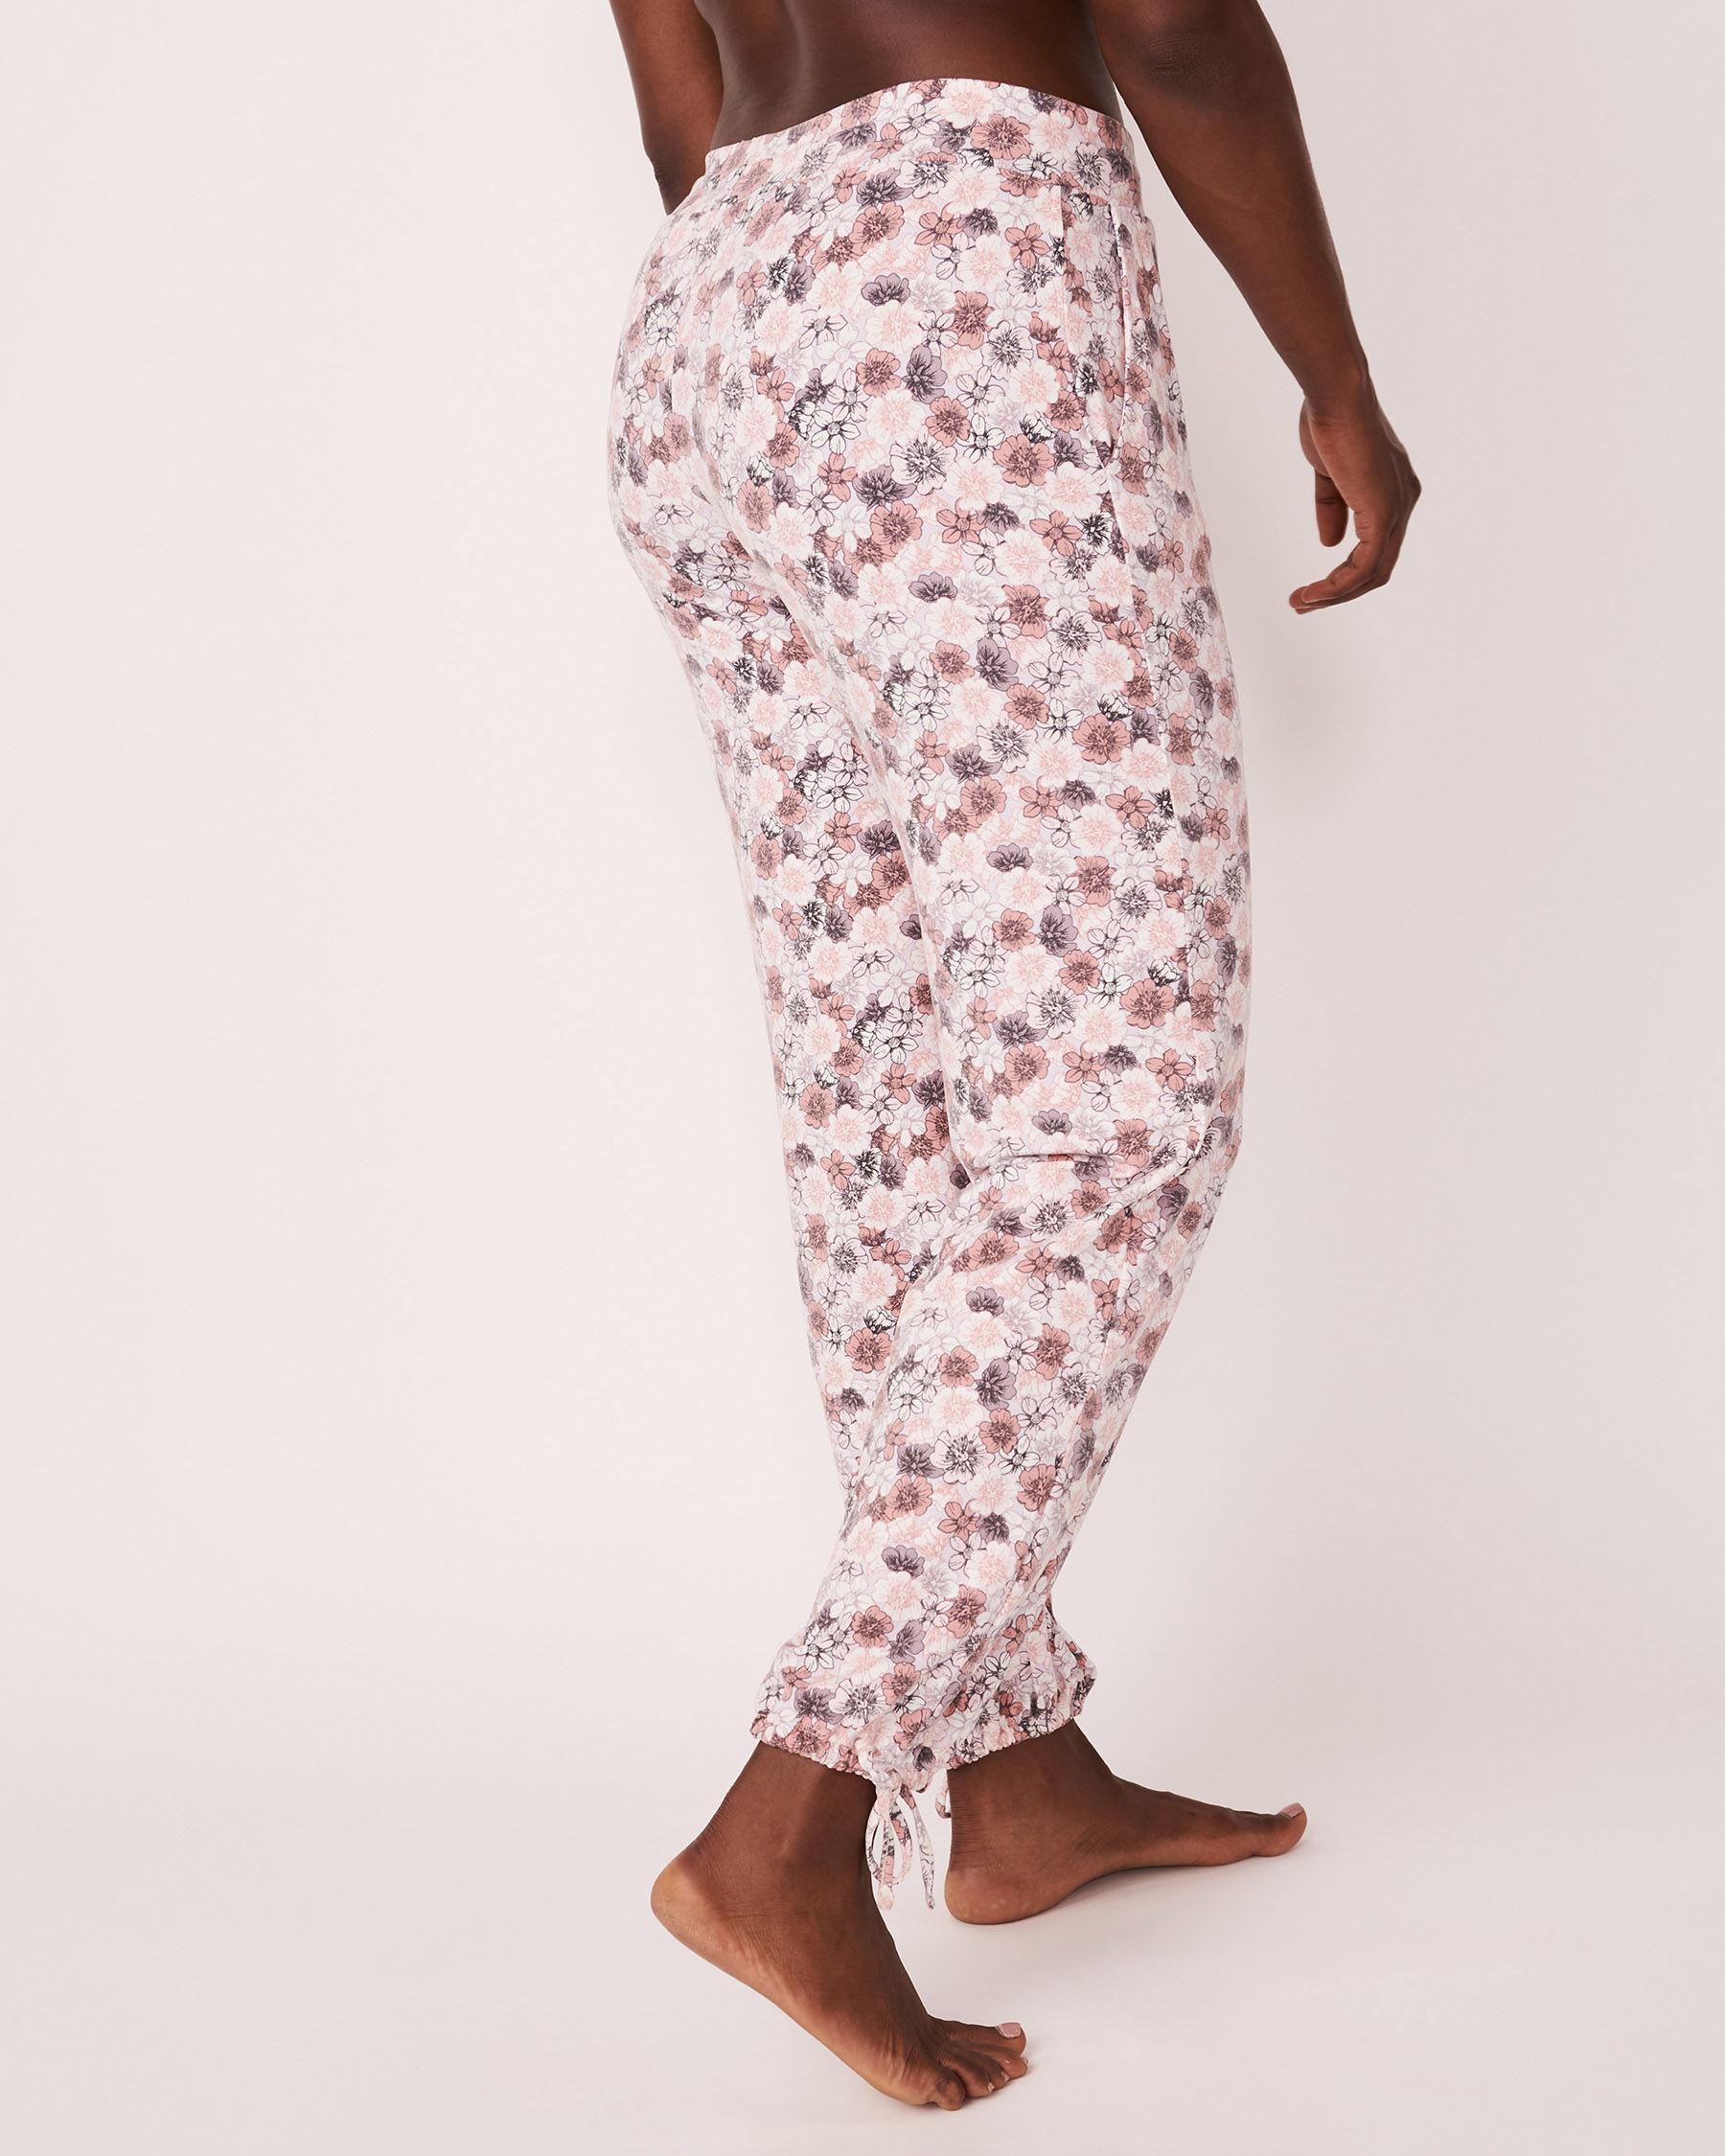 LA VIE EN ROSE Adjustable Pant Floral print 774-319-0-11 - View2